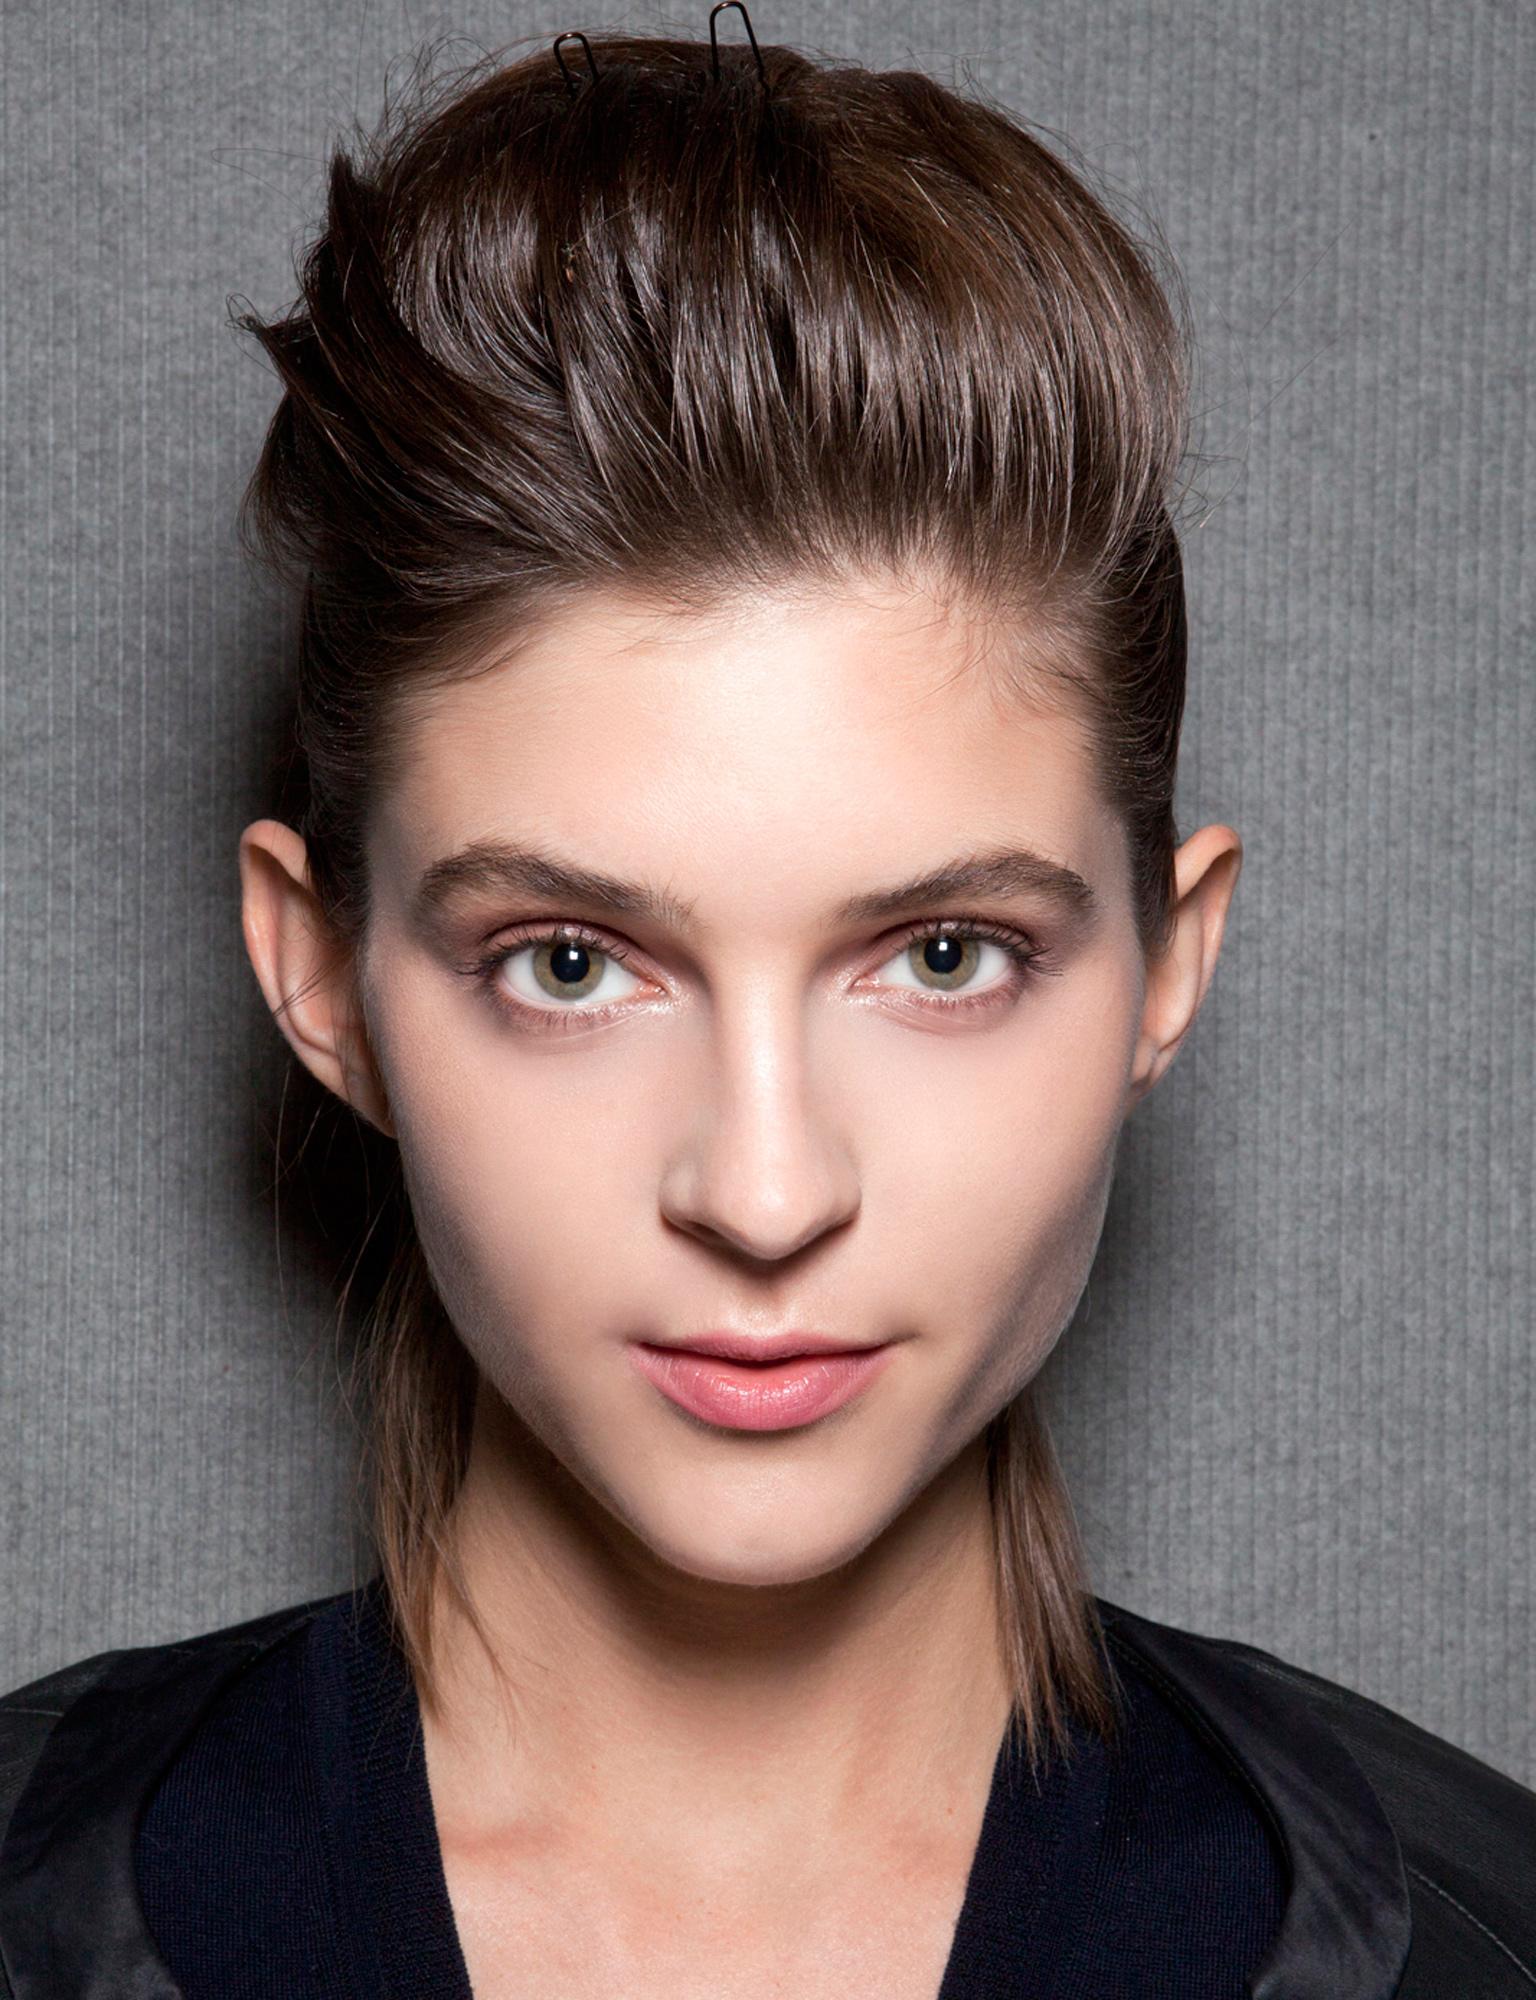 Coiffure Les Nouveaux Looks Pour 2014 Femme Actuelle